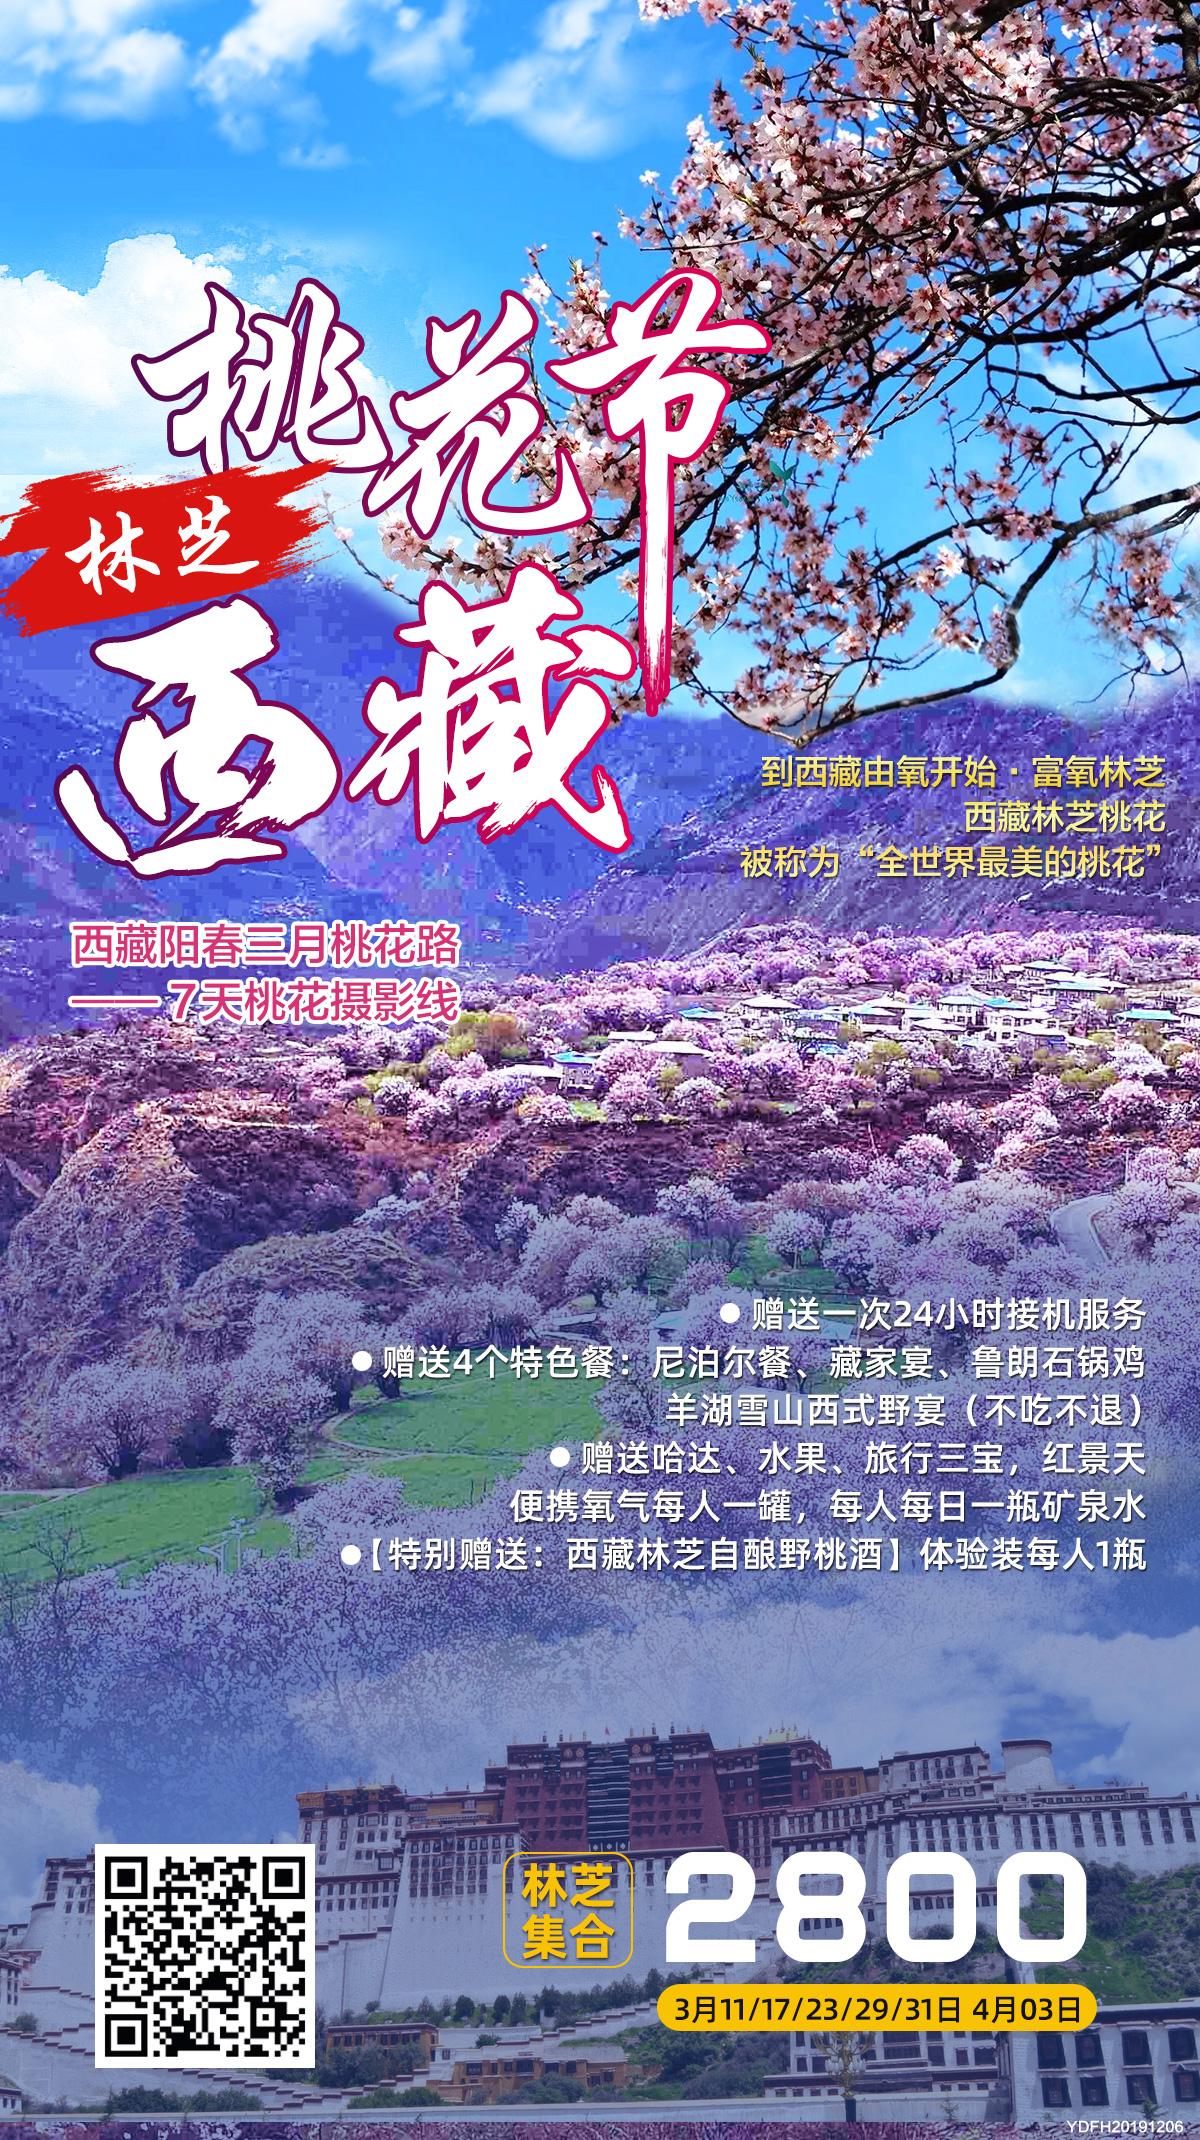 林芝桃花节丨西藏7天